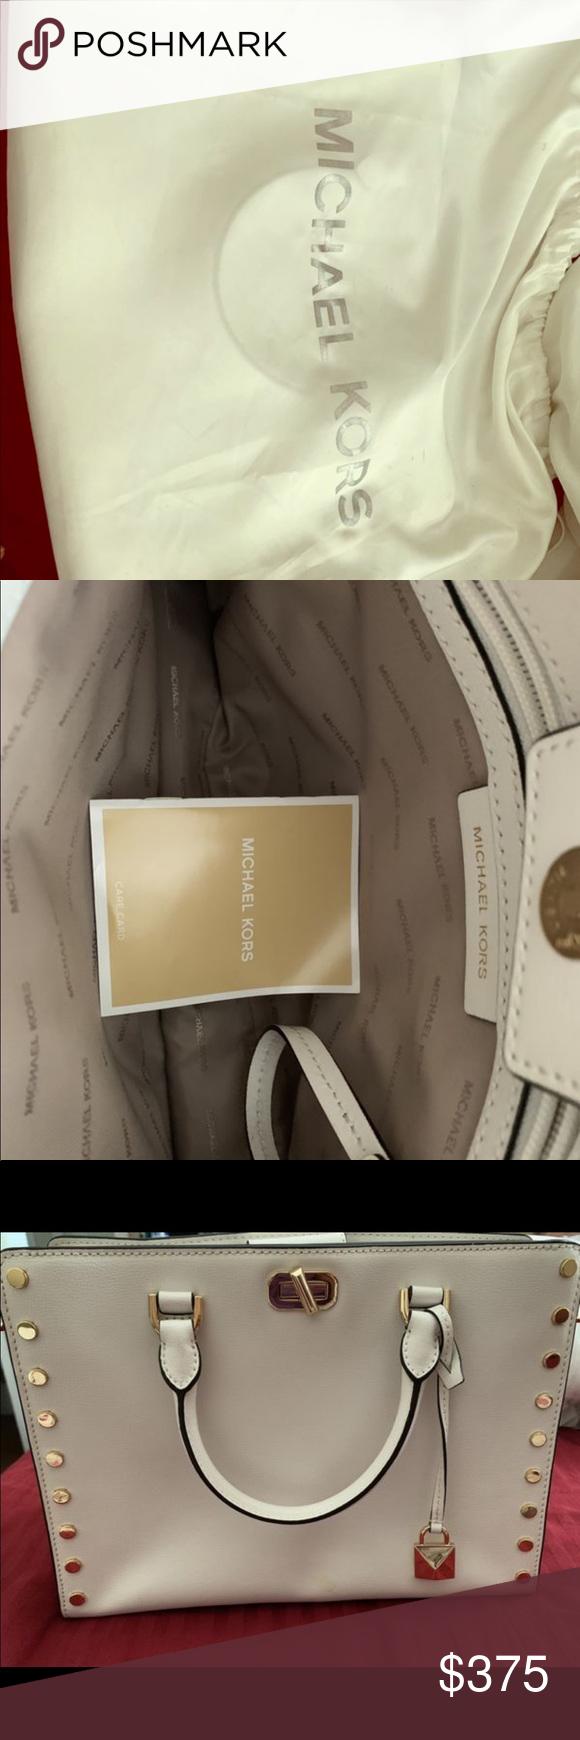 Brand new, original. Michael Kors bag. Never used. Make me